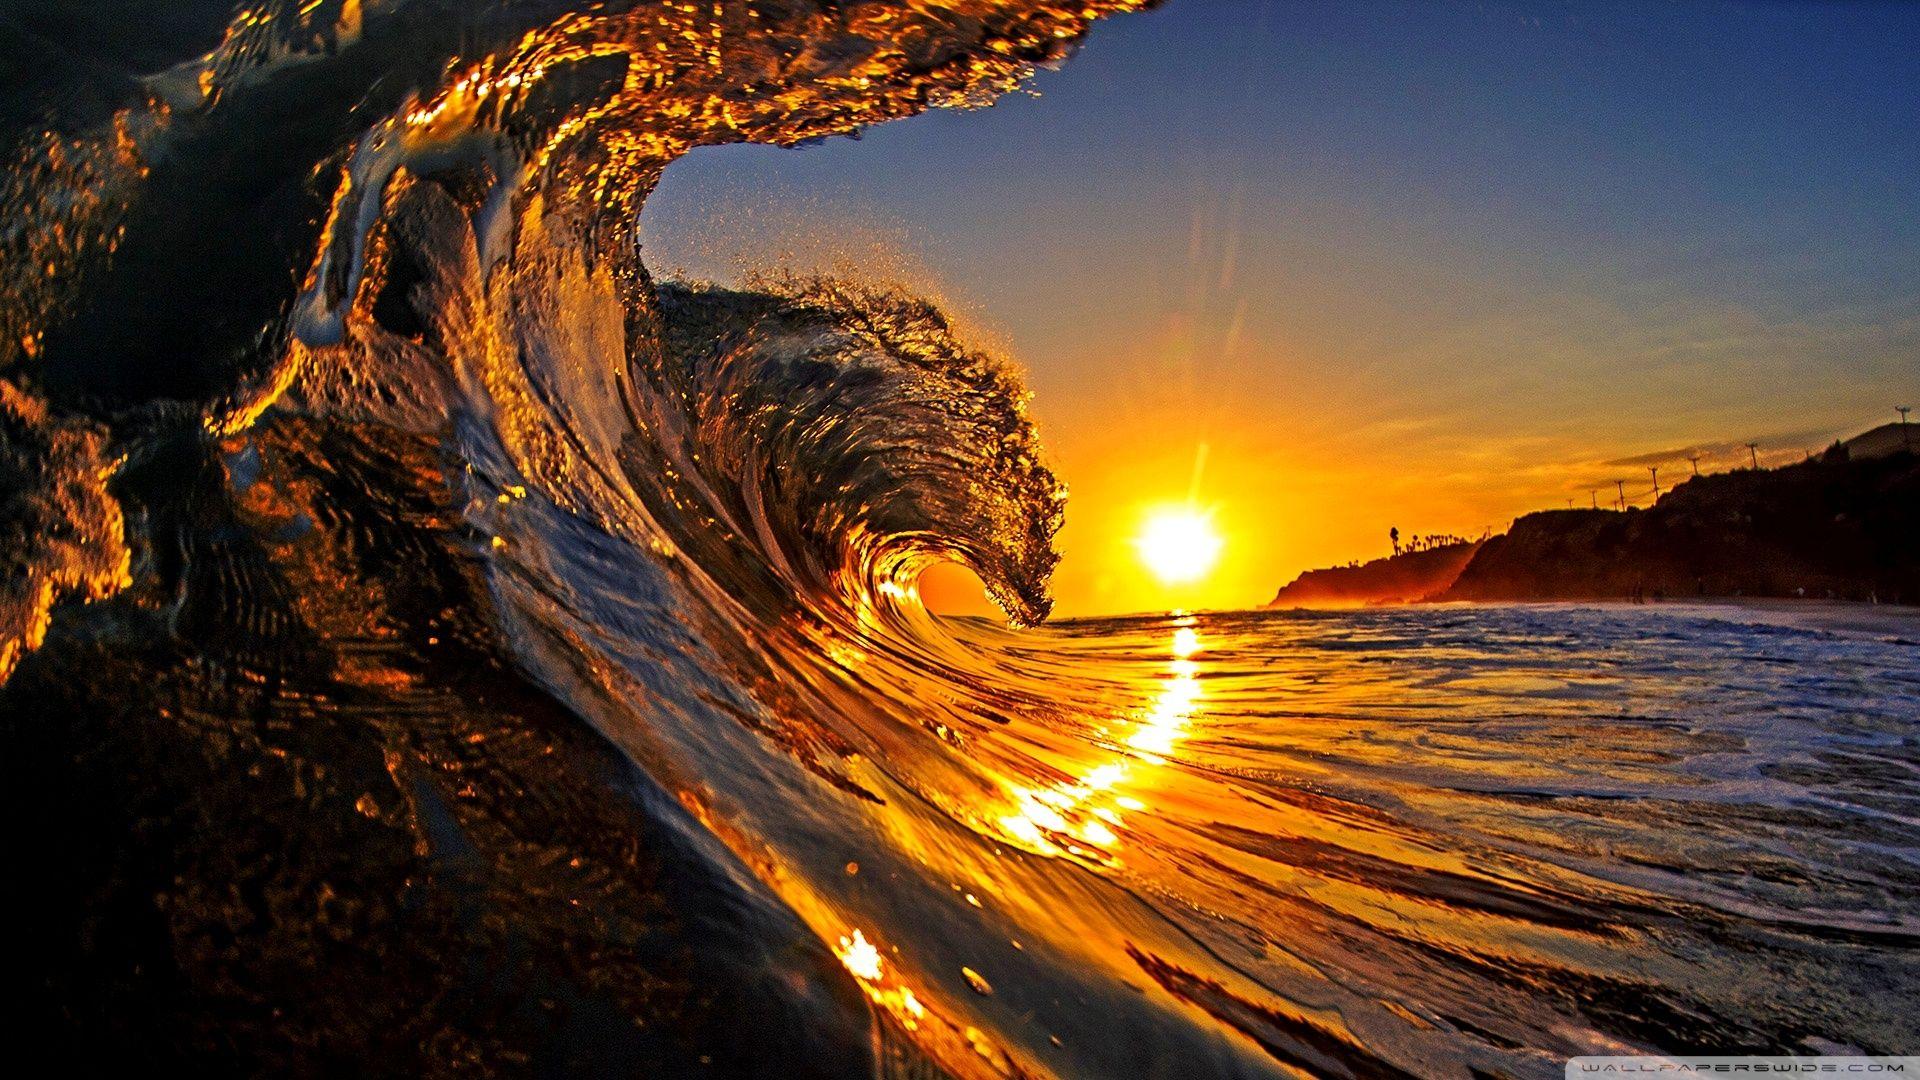 Sunset Sea Wave HD desktop wallpaper Widescreen High